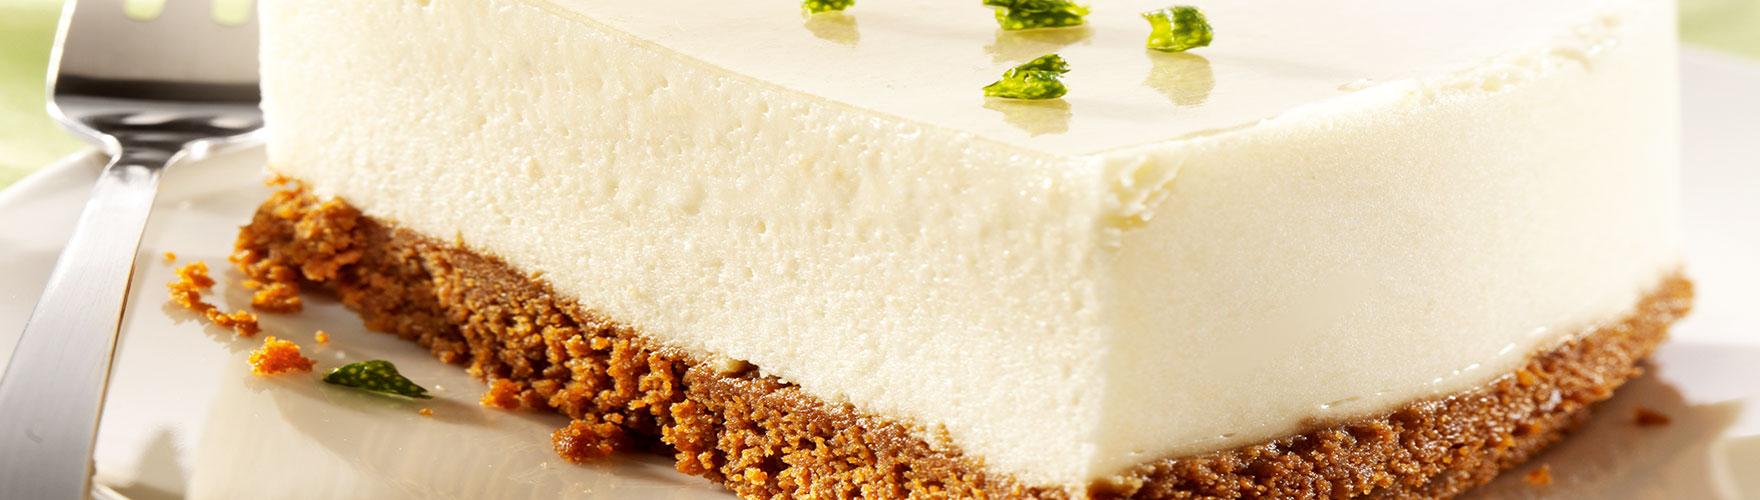 Tarta de queso cremosa con sabor a manzana y miel